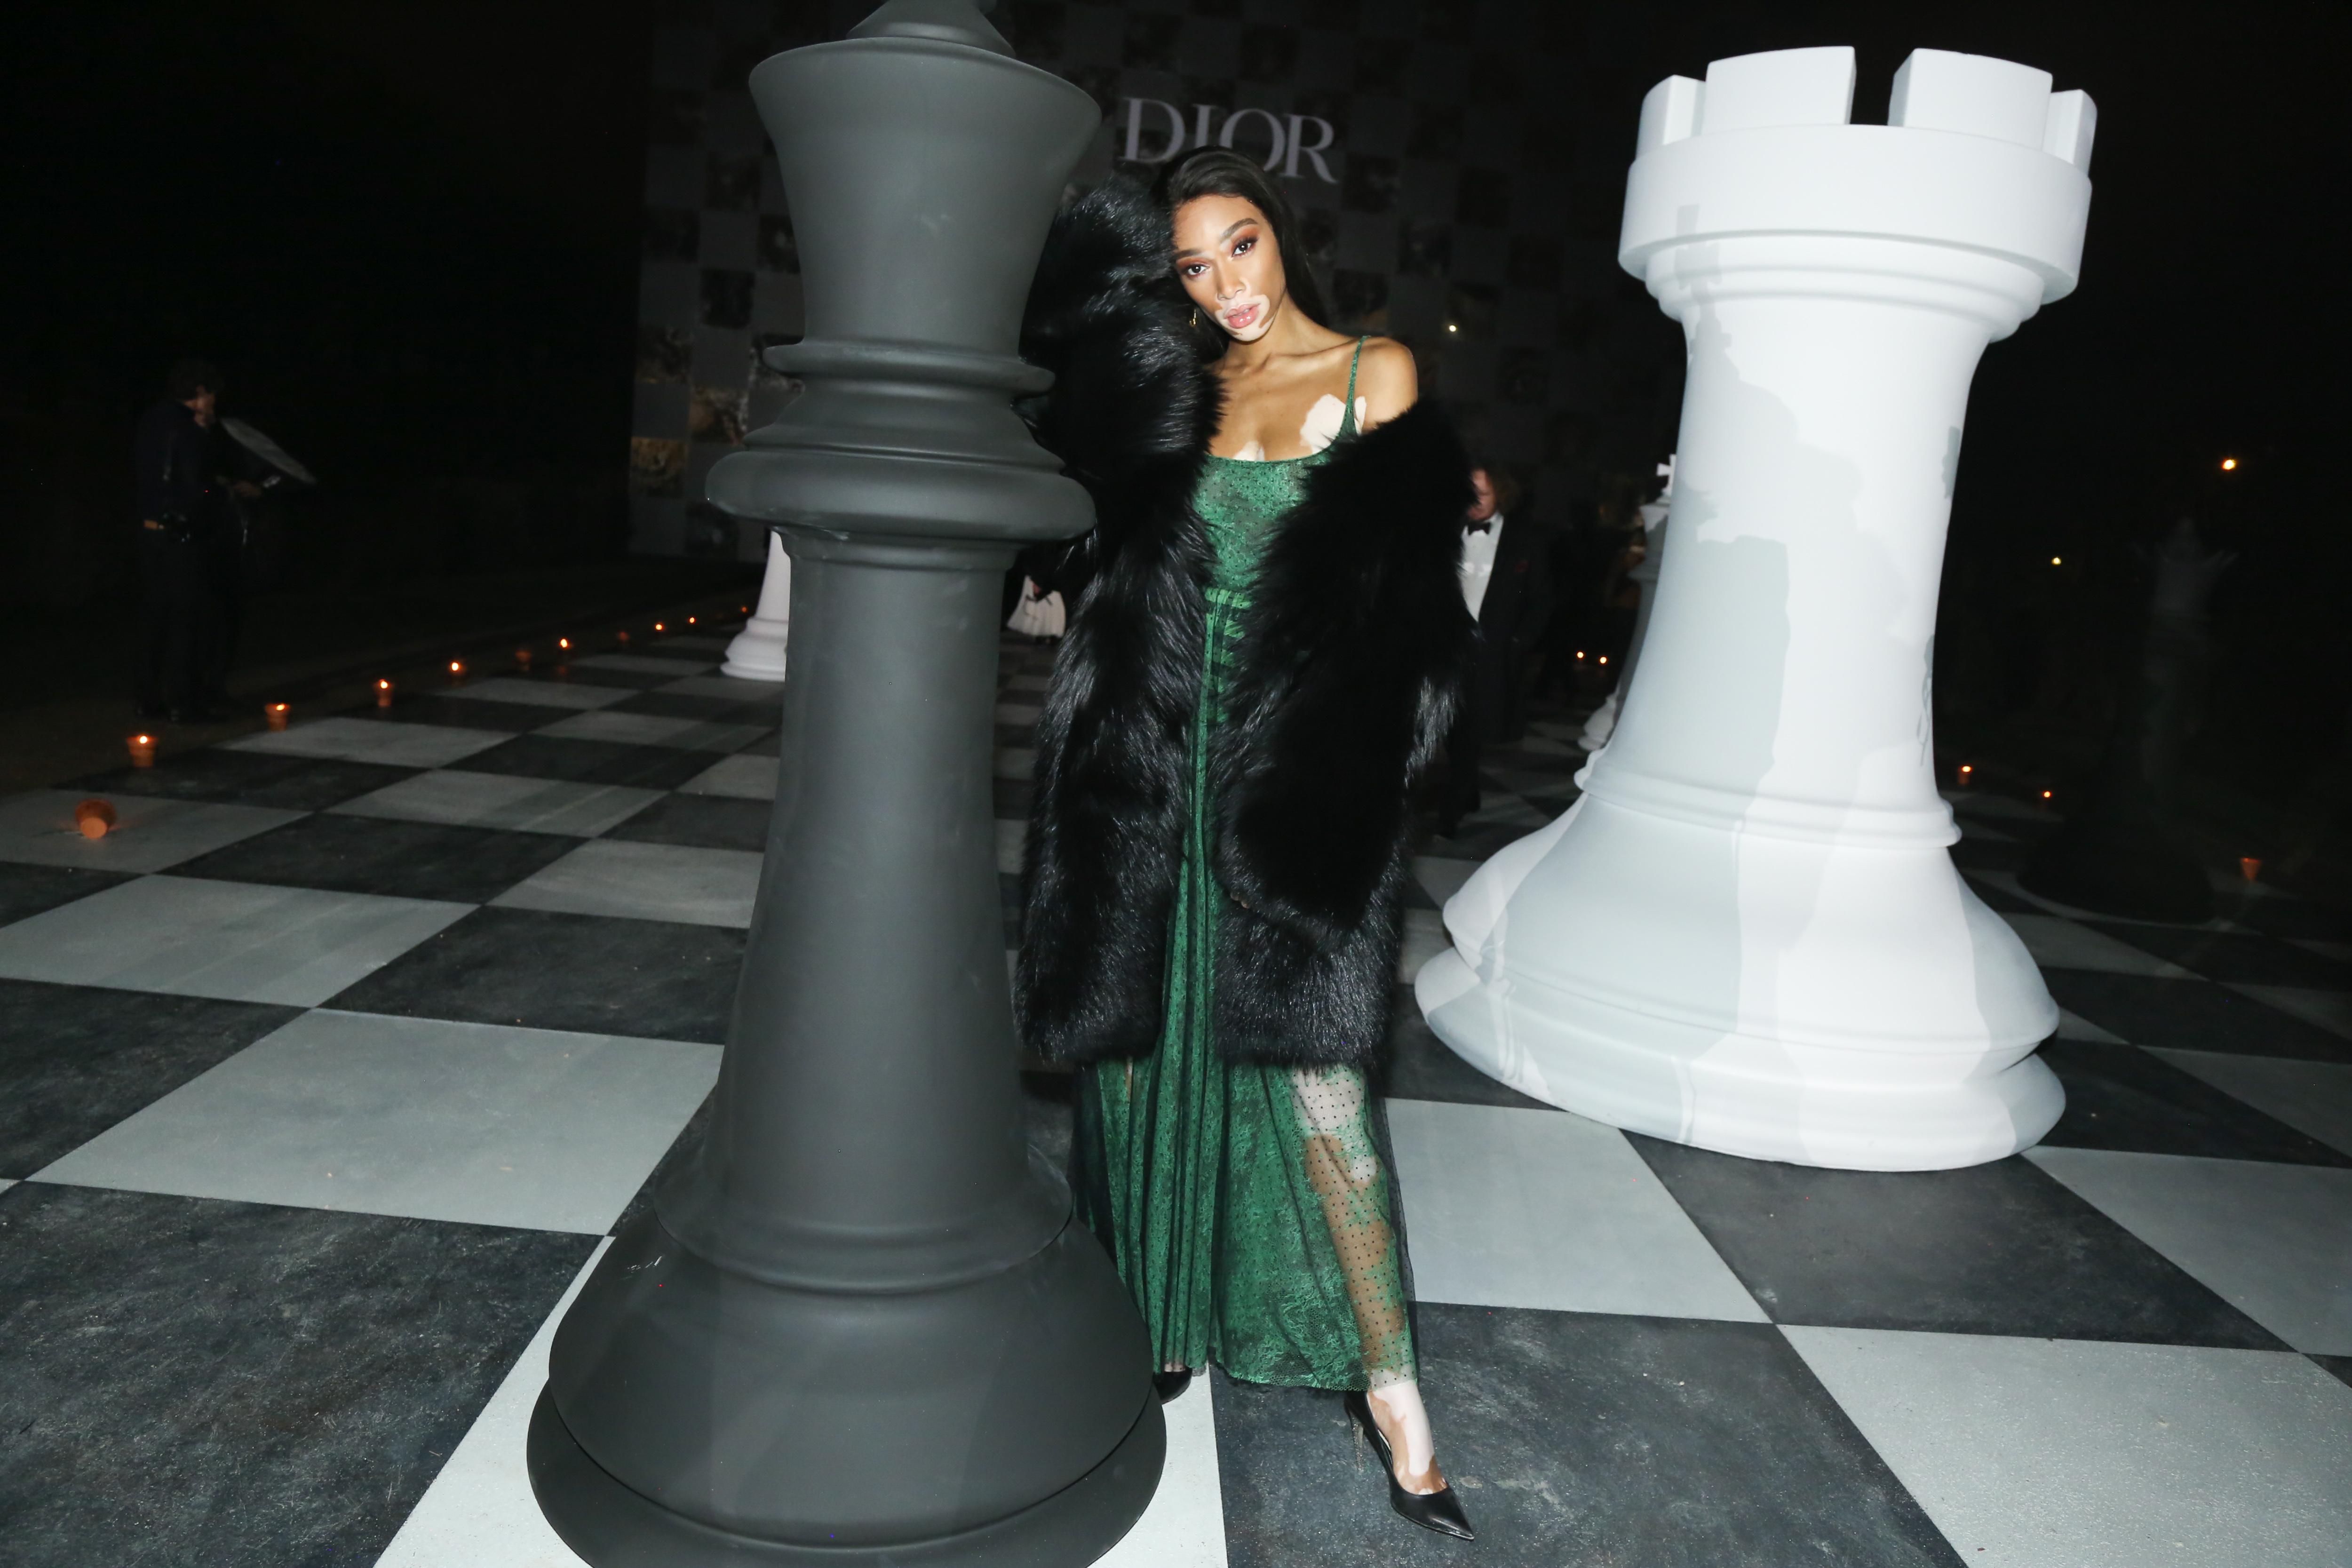 디올의 섬세한 그린 드레스를 입고 이브닝 파티로 향하는 위니 할로우.